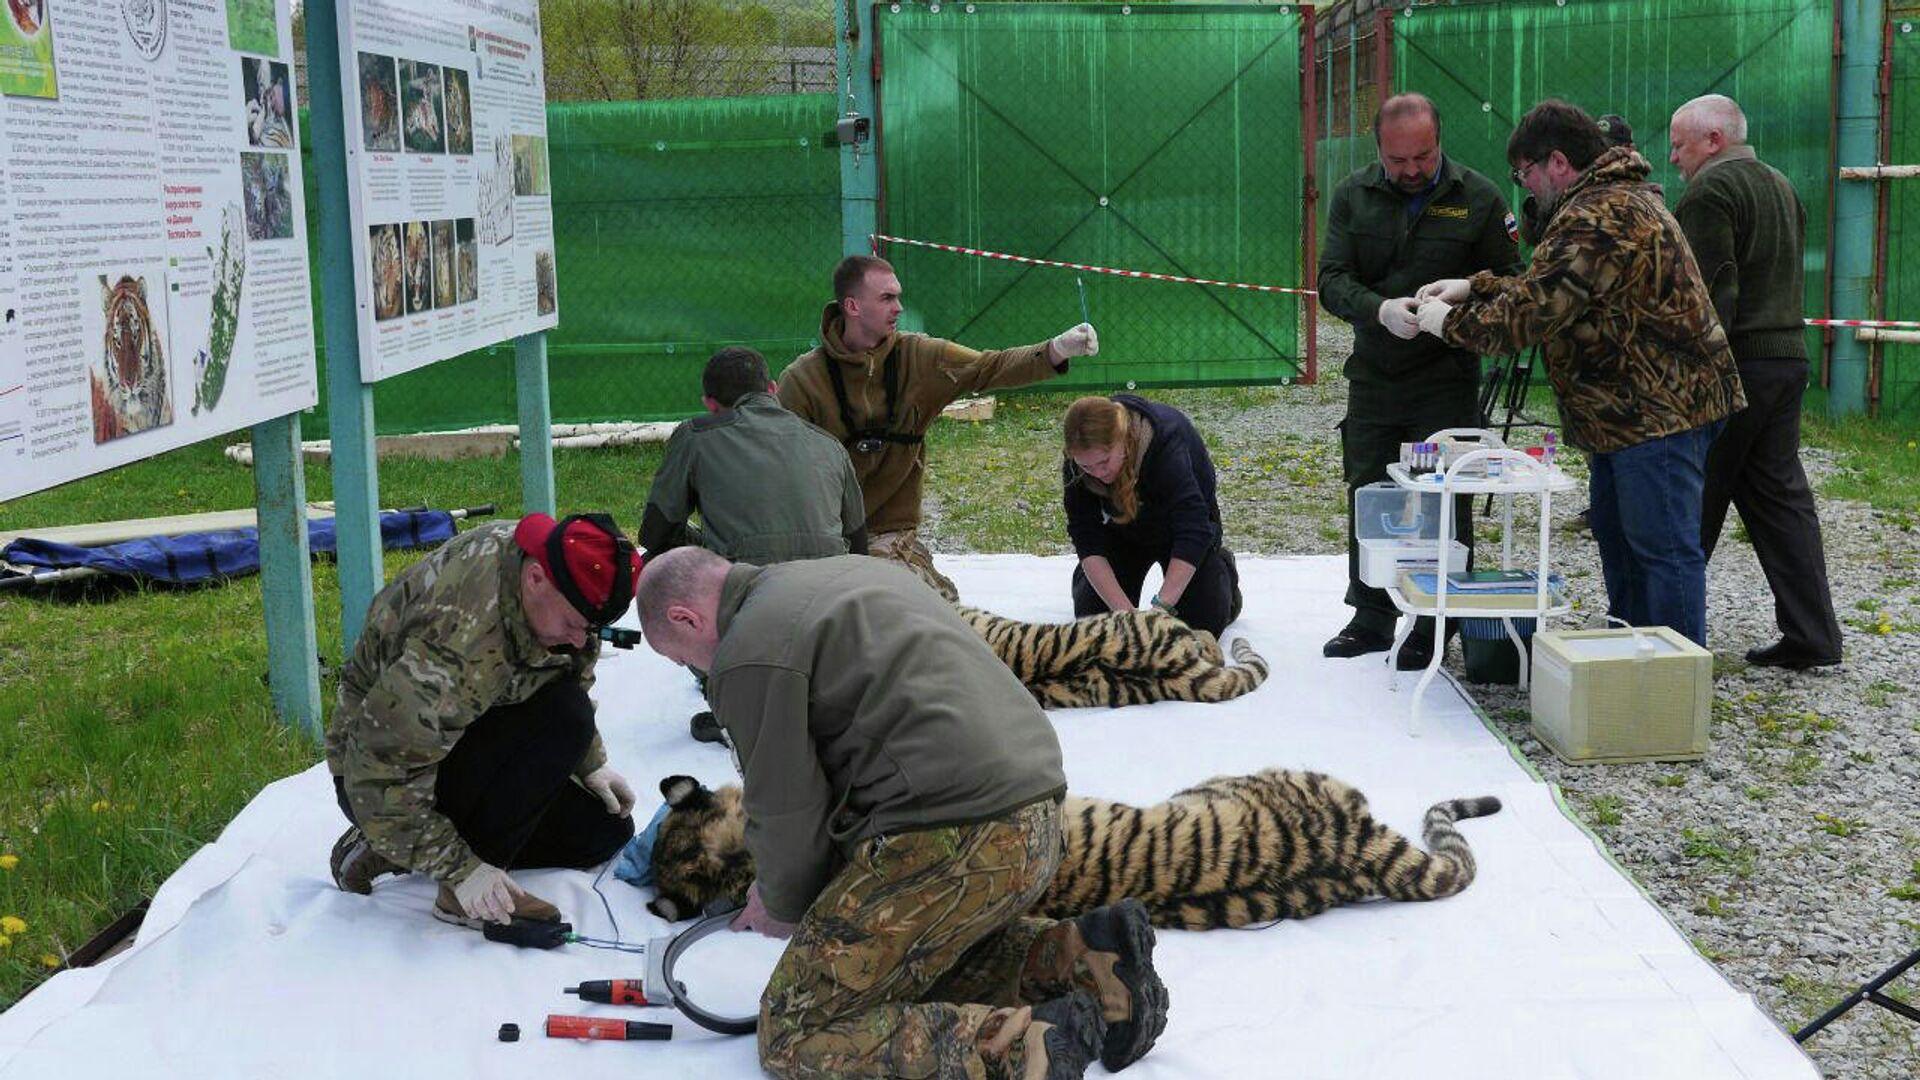 1553470520 0:67:1280:787 1920x0 80 0 0 db87c3301cbcee6ae9af18a680b0b74e - Полиция Приамурья нашла подозреваемых в убийстве краснокнижного тигра